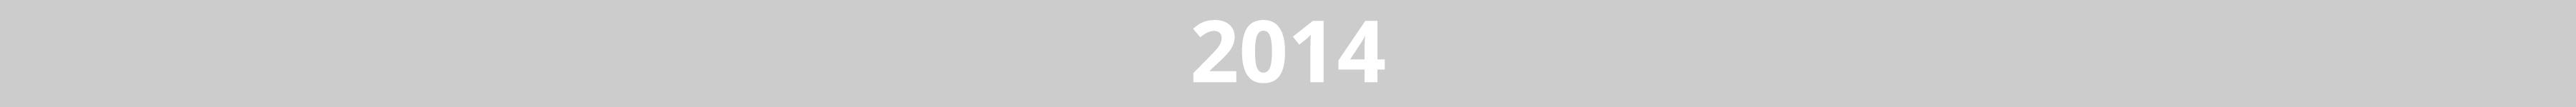 awards2014-gray.jpg